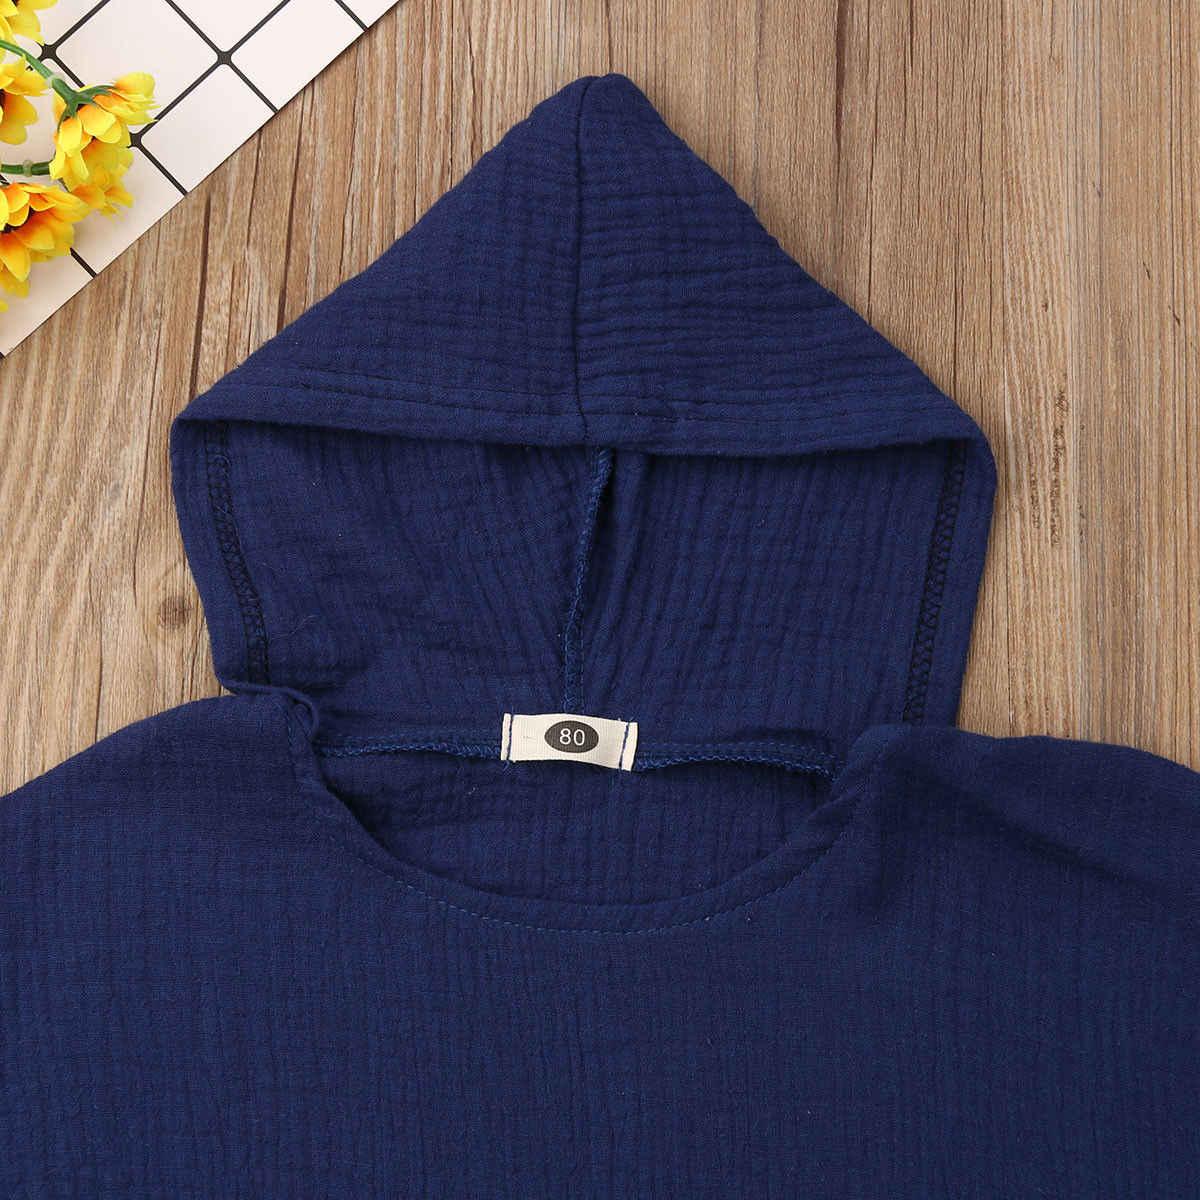 פעוט ילדים תינוקת ארוך קייפ סלעית ציצית גלימת פונצ 'ו בגדי מגשר